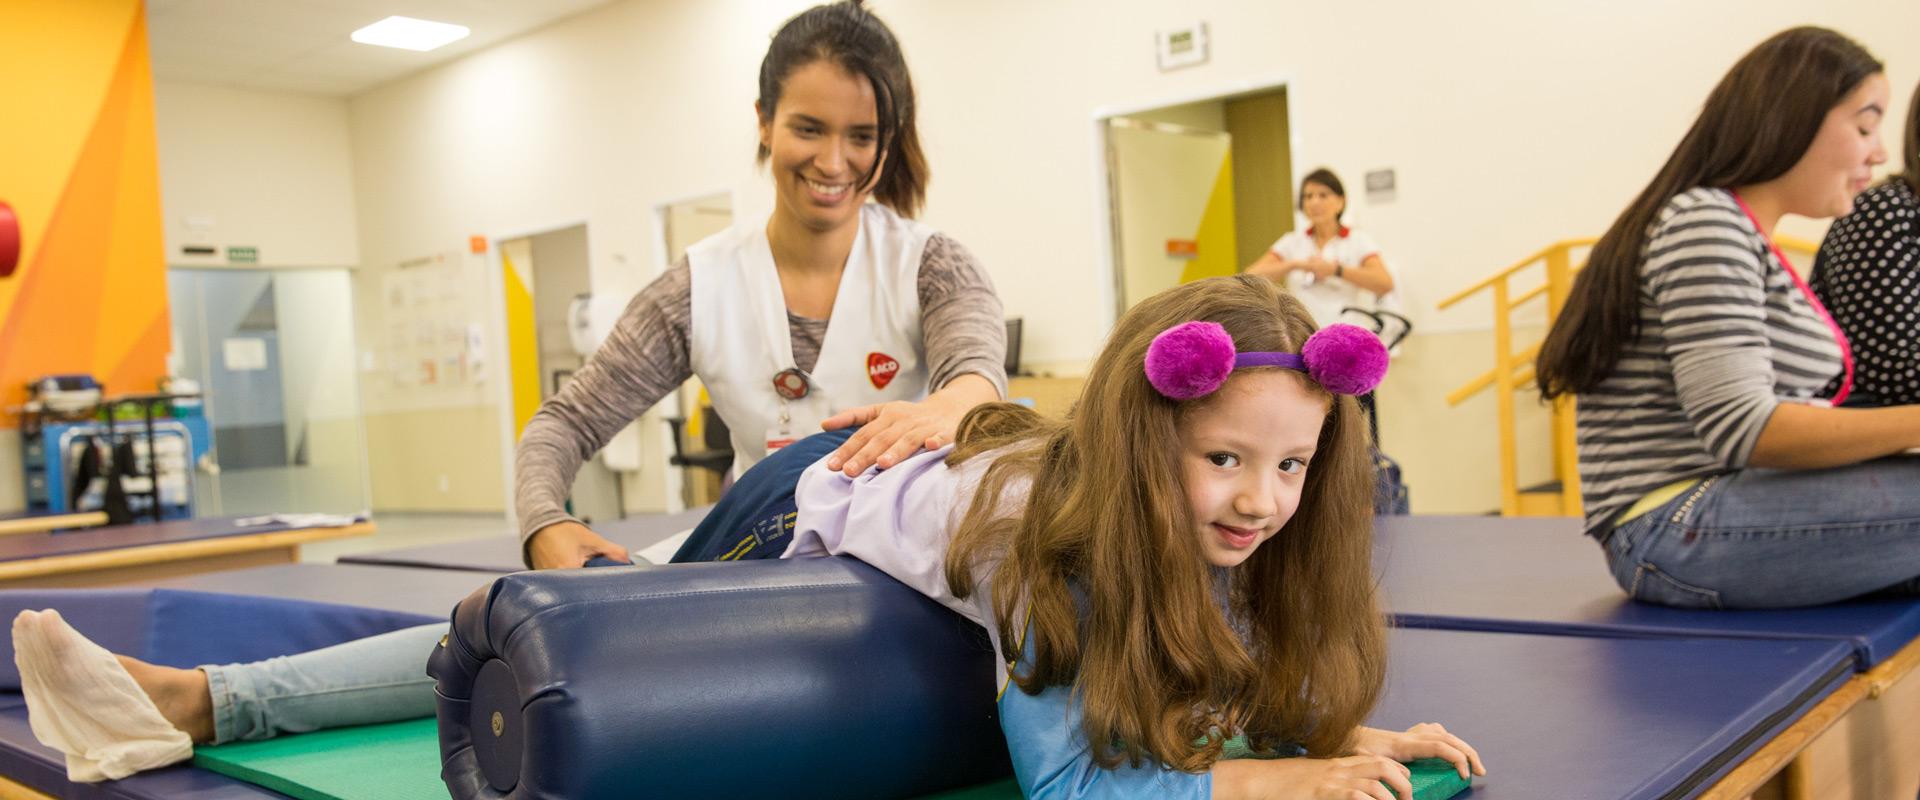 Criança fazendo fisioterapia